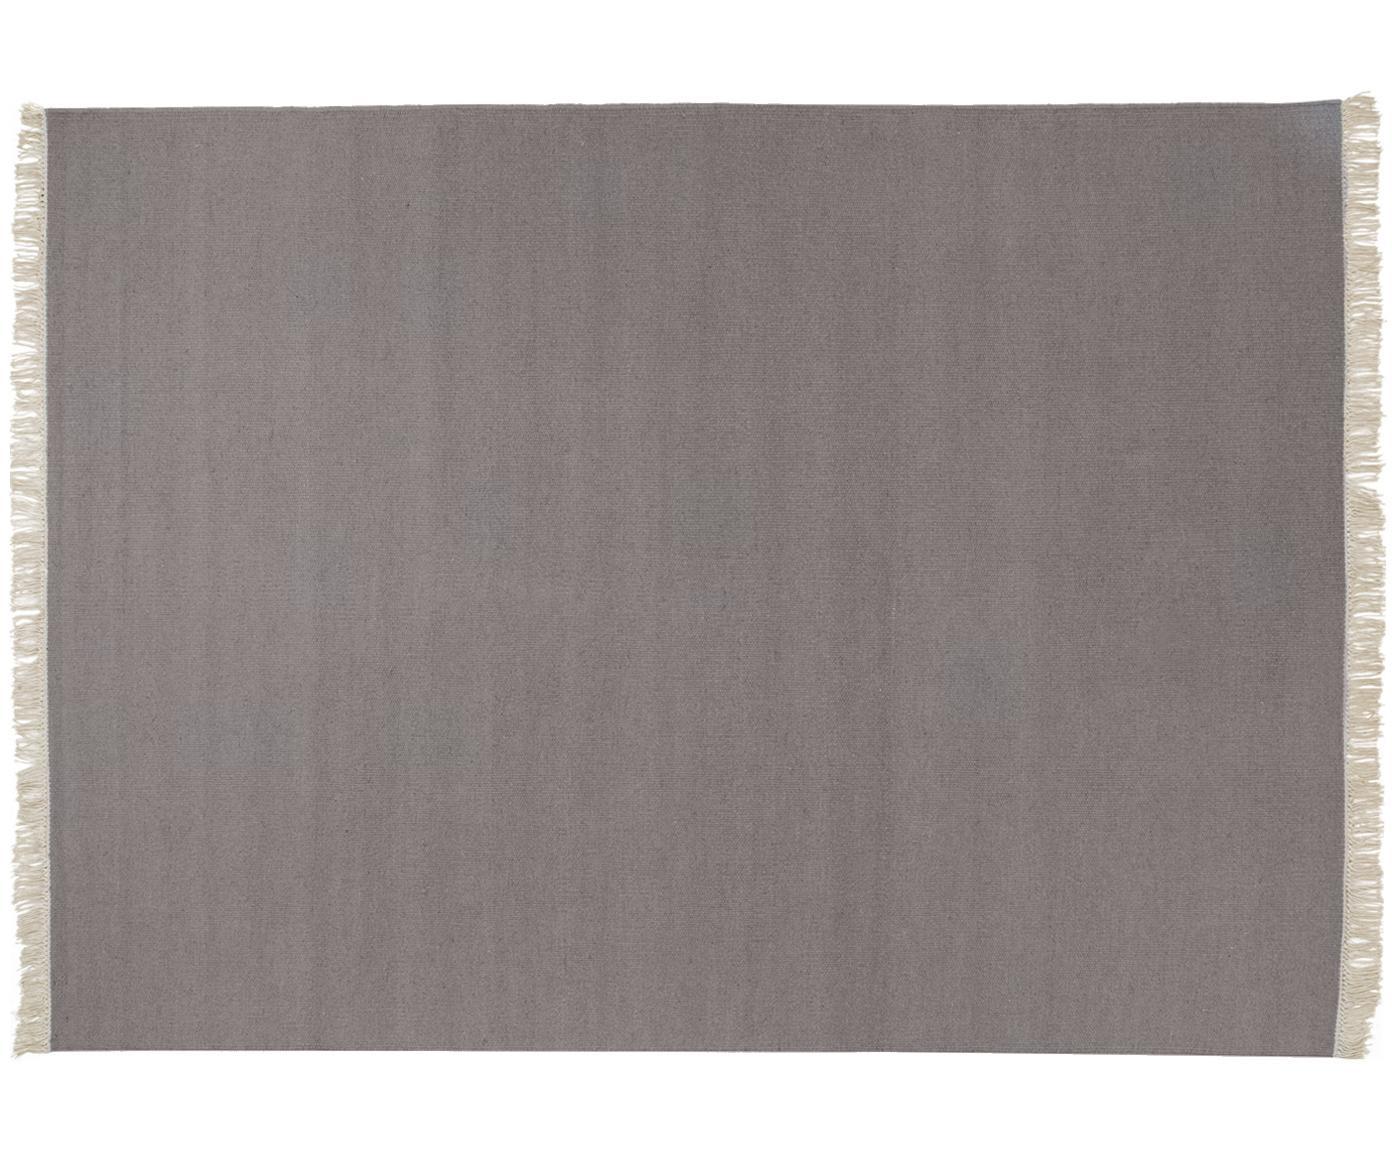 Handgeweven wollen vloerkleed Rainbow in grijs met franjes, Bovenzijde: wol, Onderzijde: katoen, Lichtgrijs, B 170 x L 240 cm (maat M)